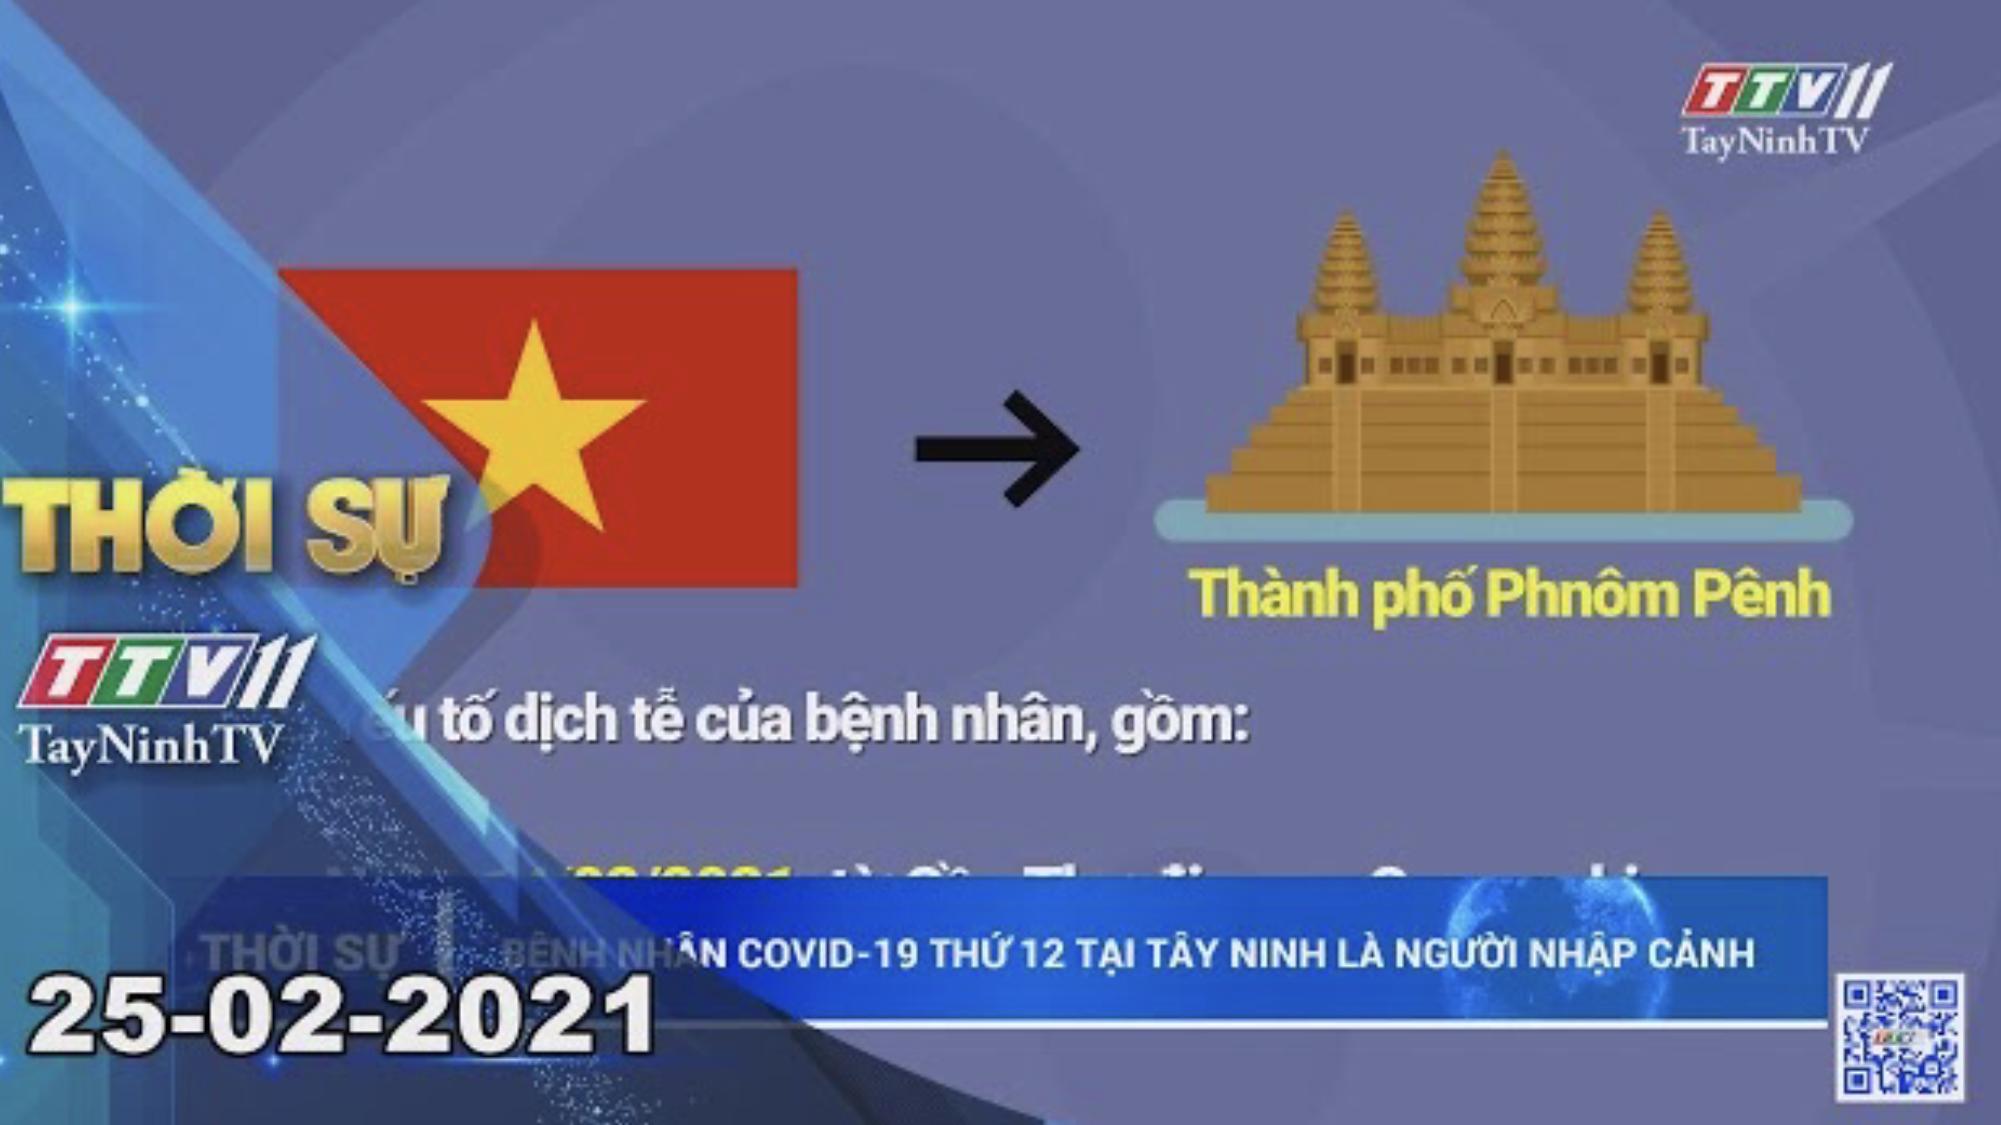 Thời sự Tây Ninh 25-02-2021 | Tin tức hôm nay | TayNinhTV